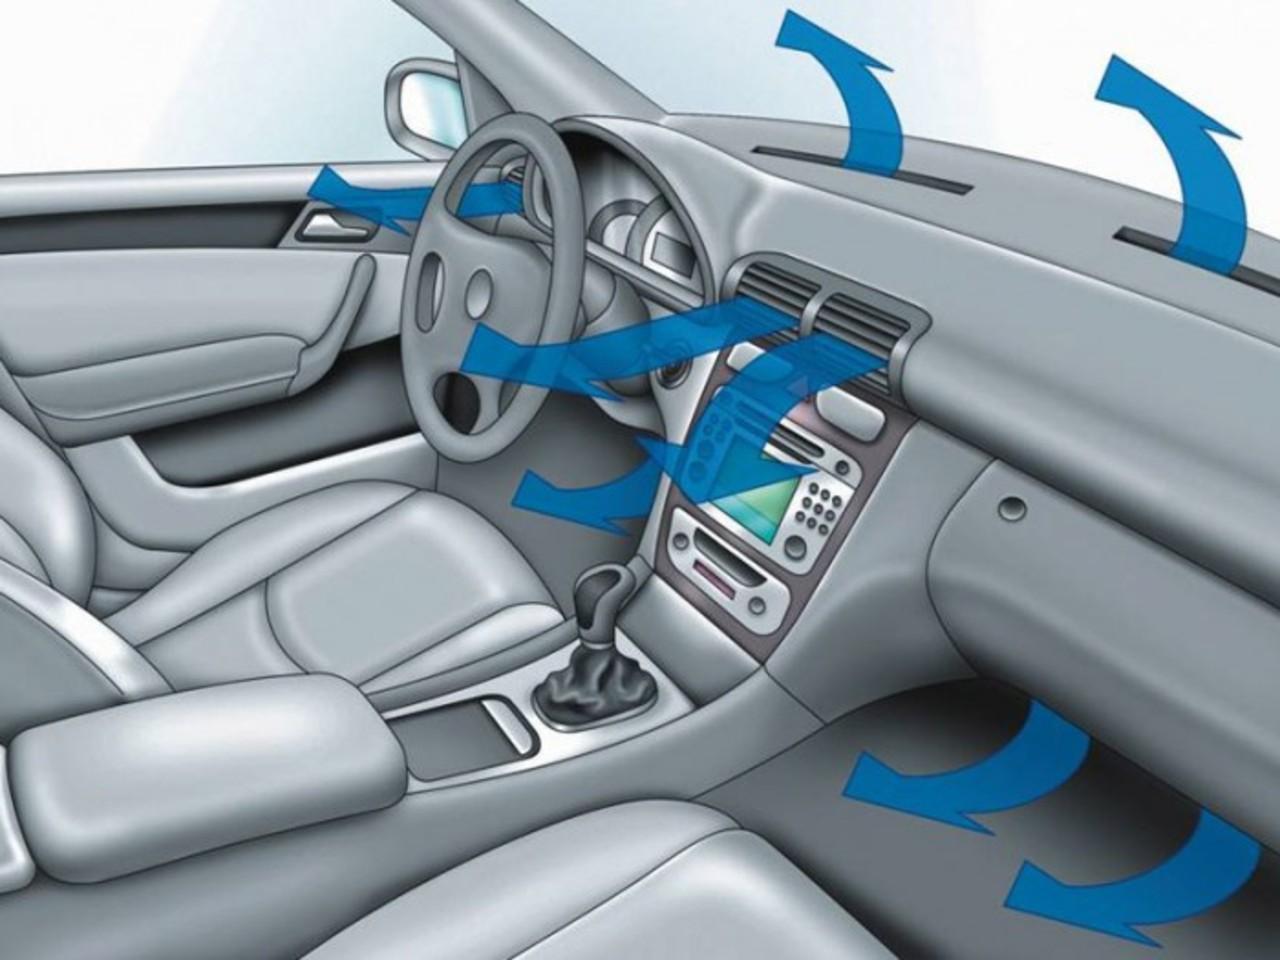 Где находится температура в машине